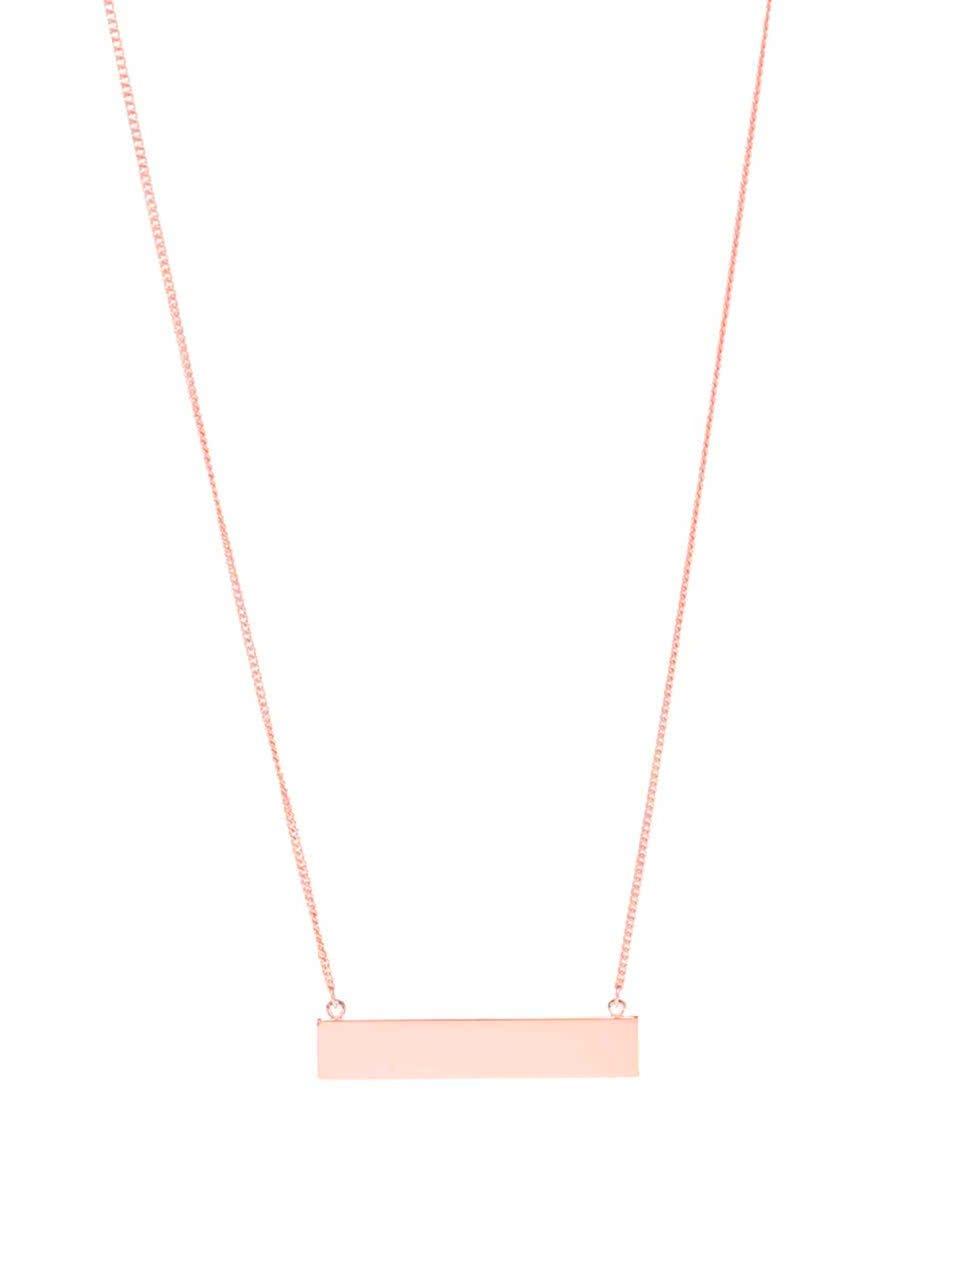 Dlouhý náhrdelník v růžovozlaté barvě s obdélníkovým přívěskem Pieces Perula